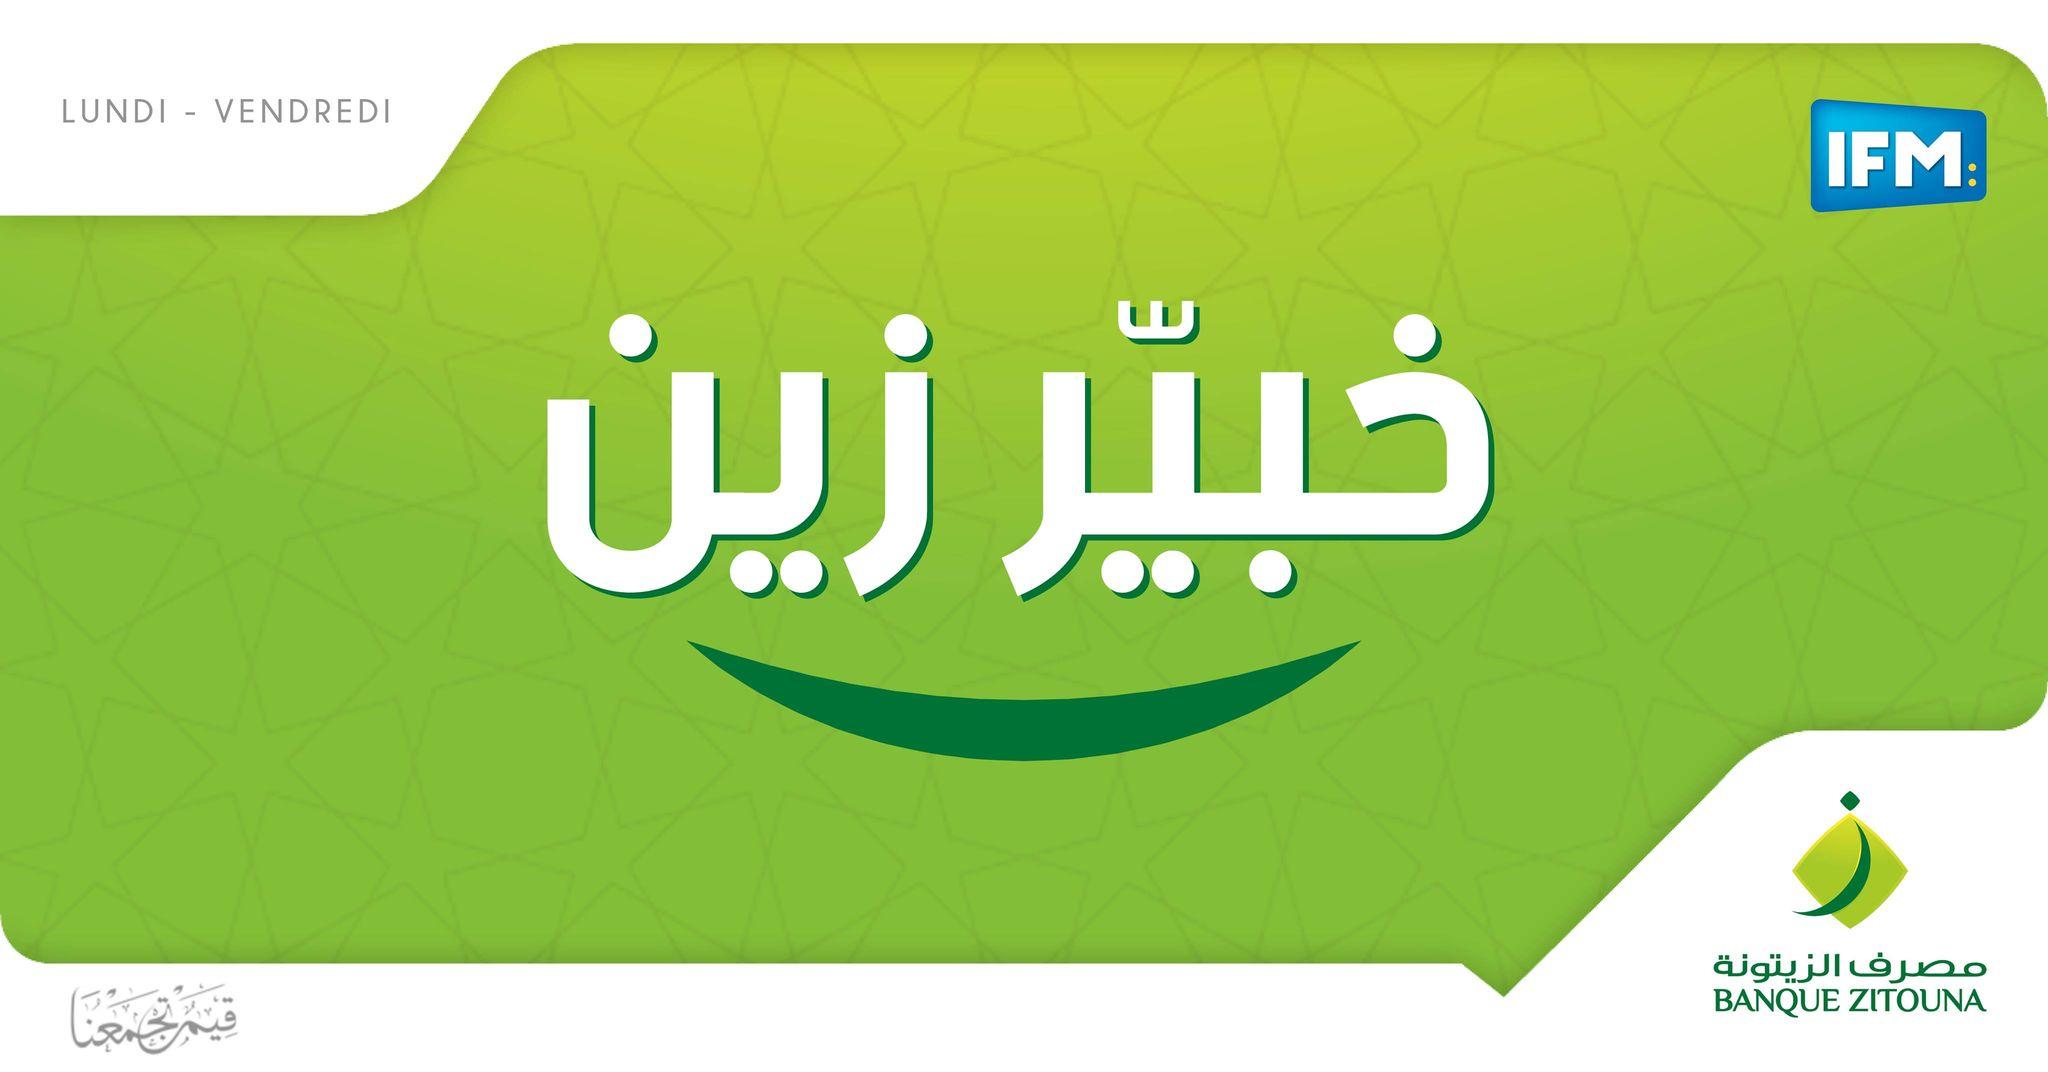 راف ماغ 🌿خبيّر زين مع مصرف الزيتونة🌿               اختارت منظمة الصحة العالمية تونس العاصمة باش تكون وحدة من 5 مدن صحية في العالم، ضمن مشروع الحوكمة الحضرية من أجل الصحة والرفاه